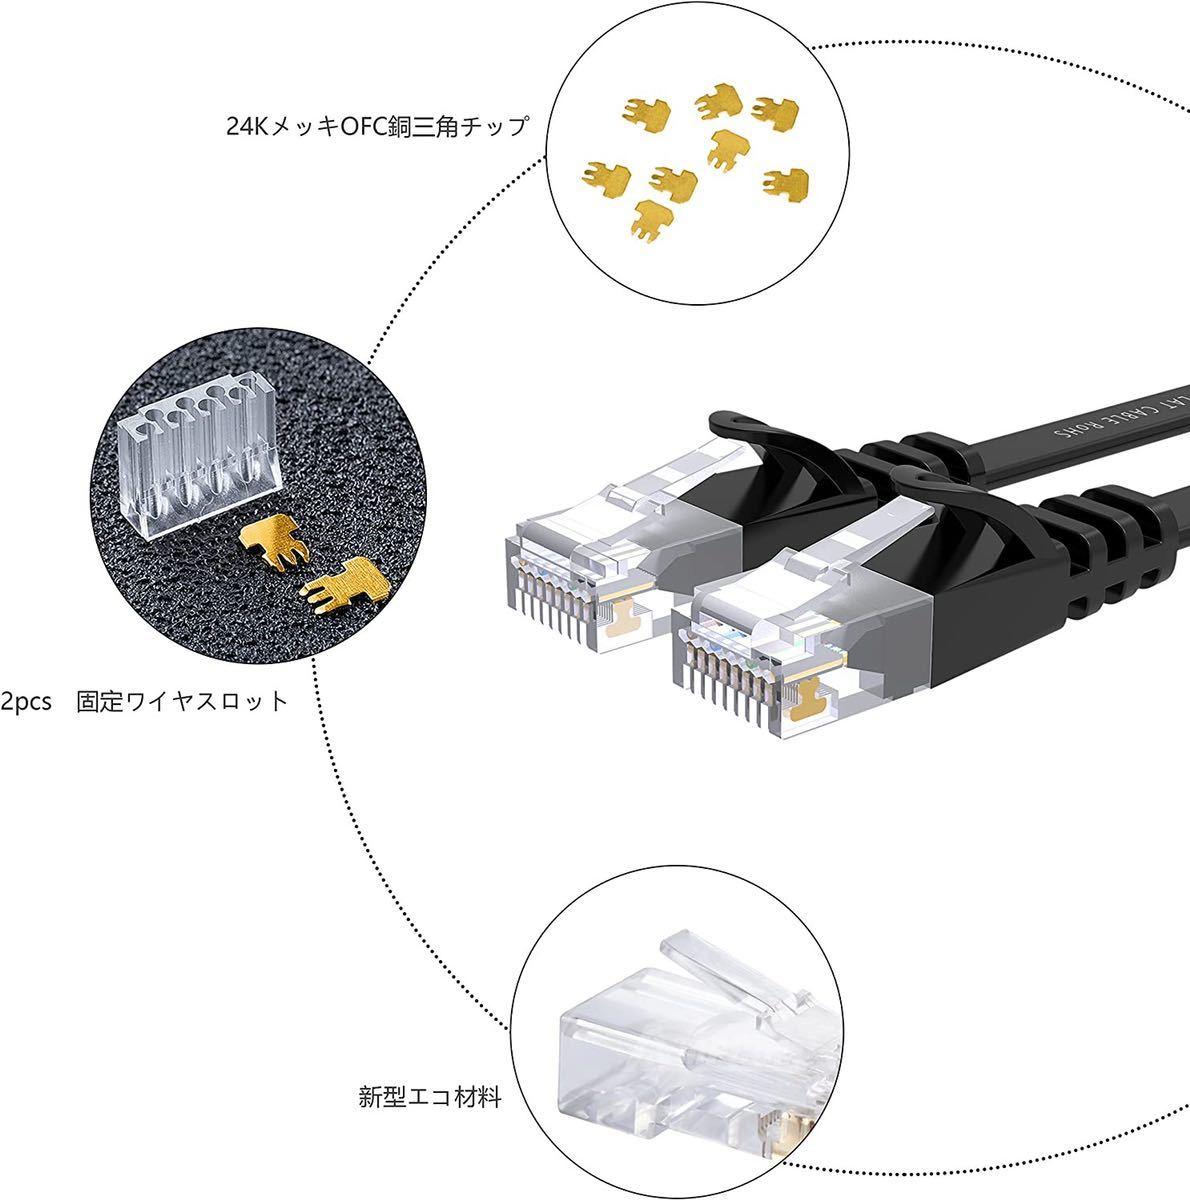 LANケーブル CAT6準拠 RJ45コネクタ ギガビット 50フット 15m ブラック モデム パッチパネル アクセスポイント等に適用います